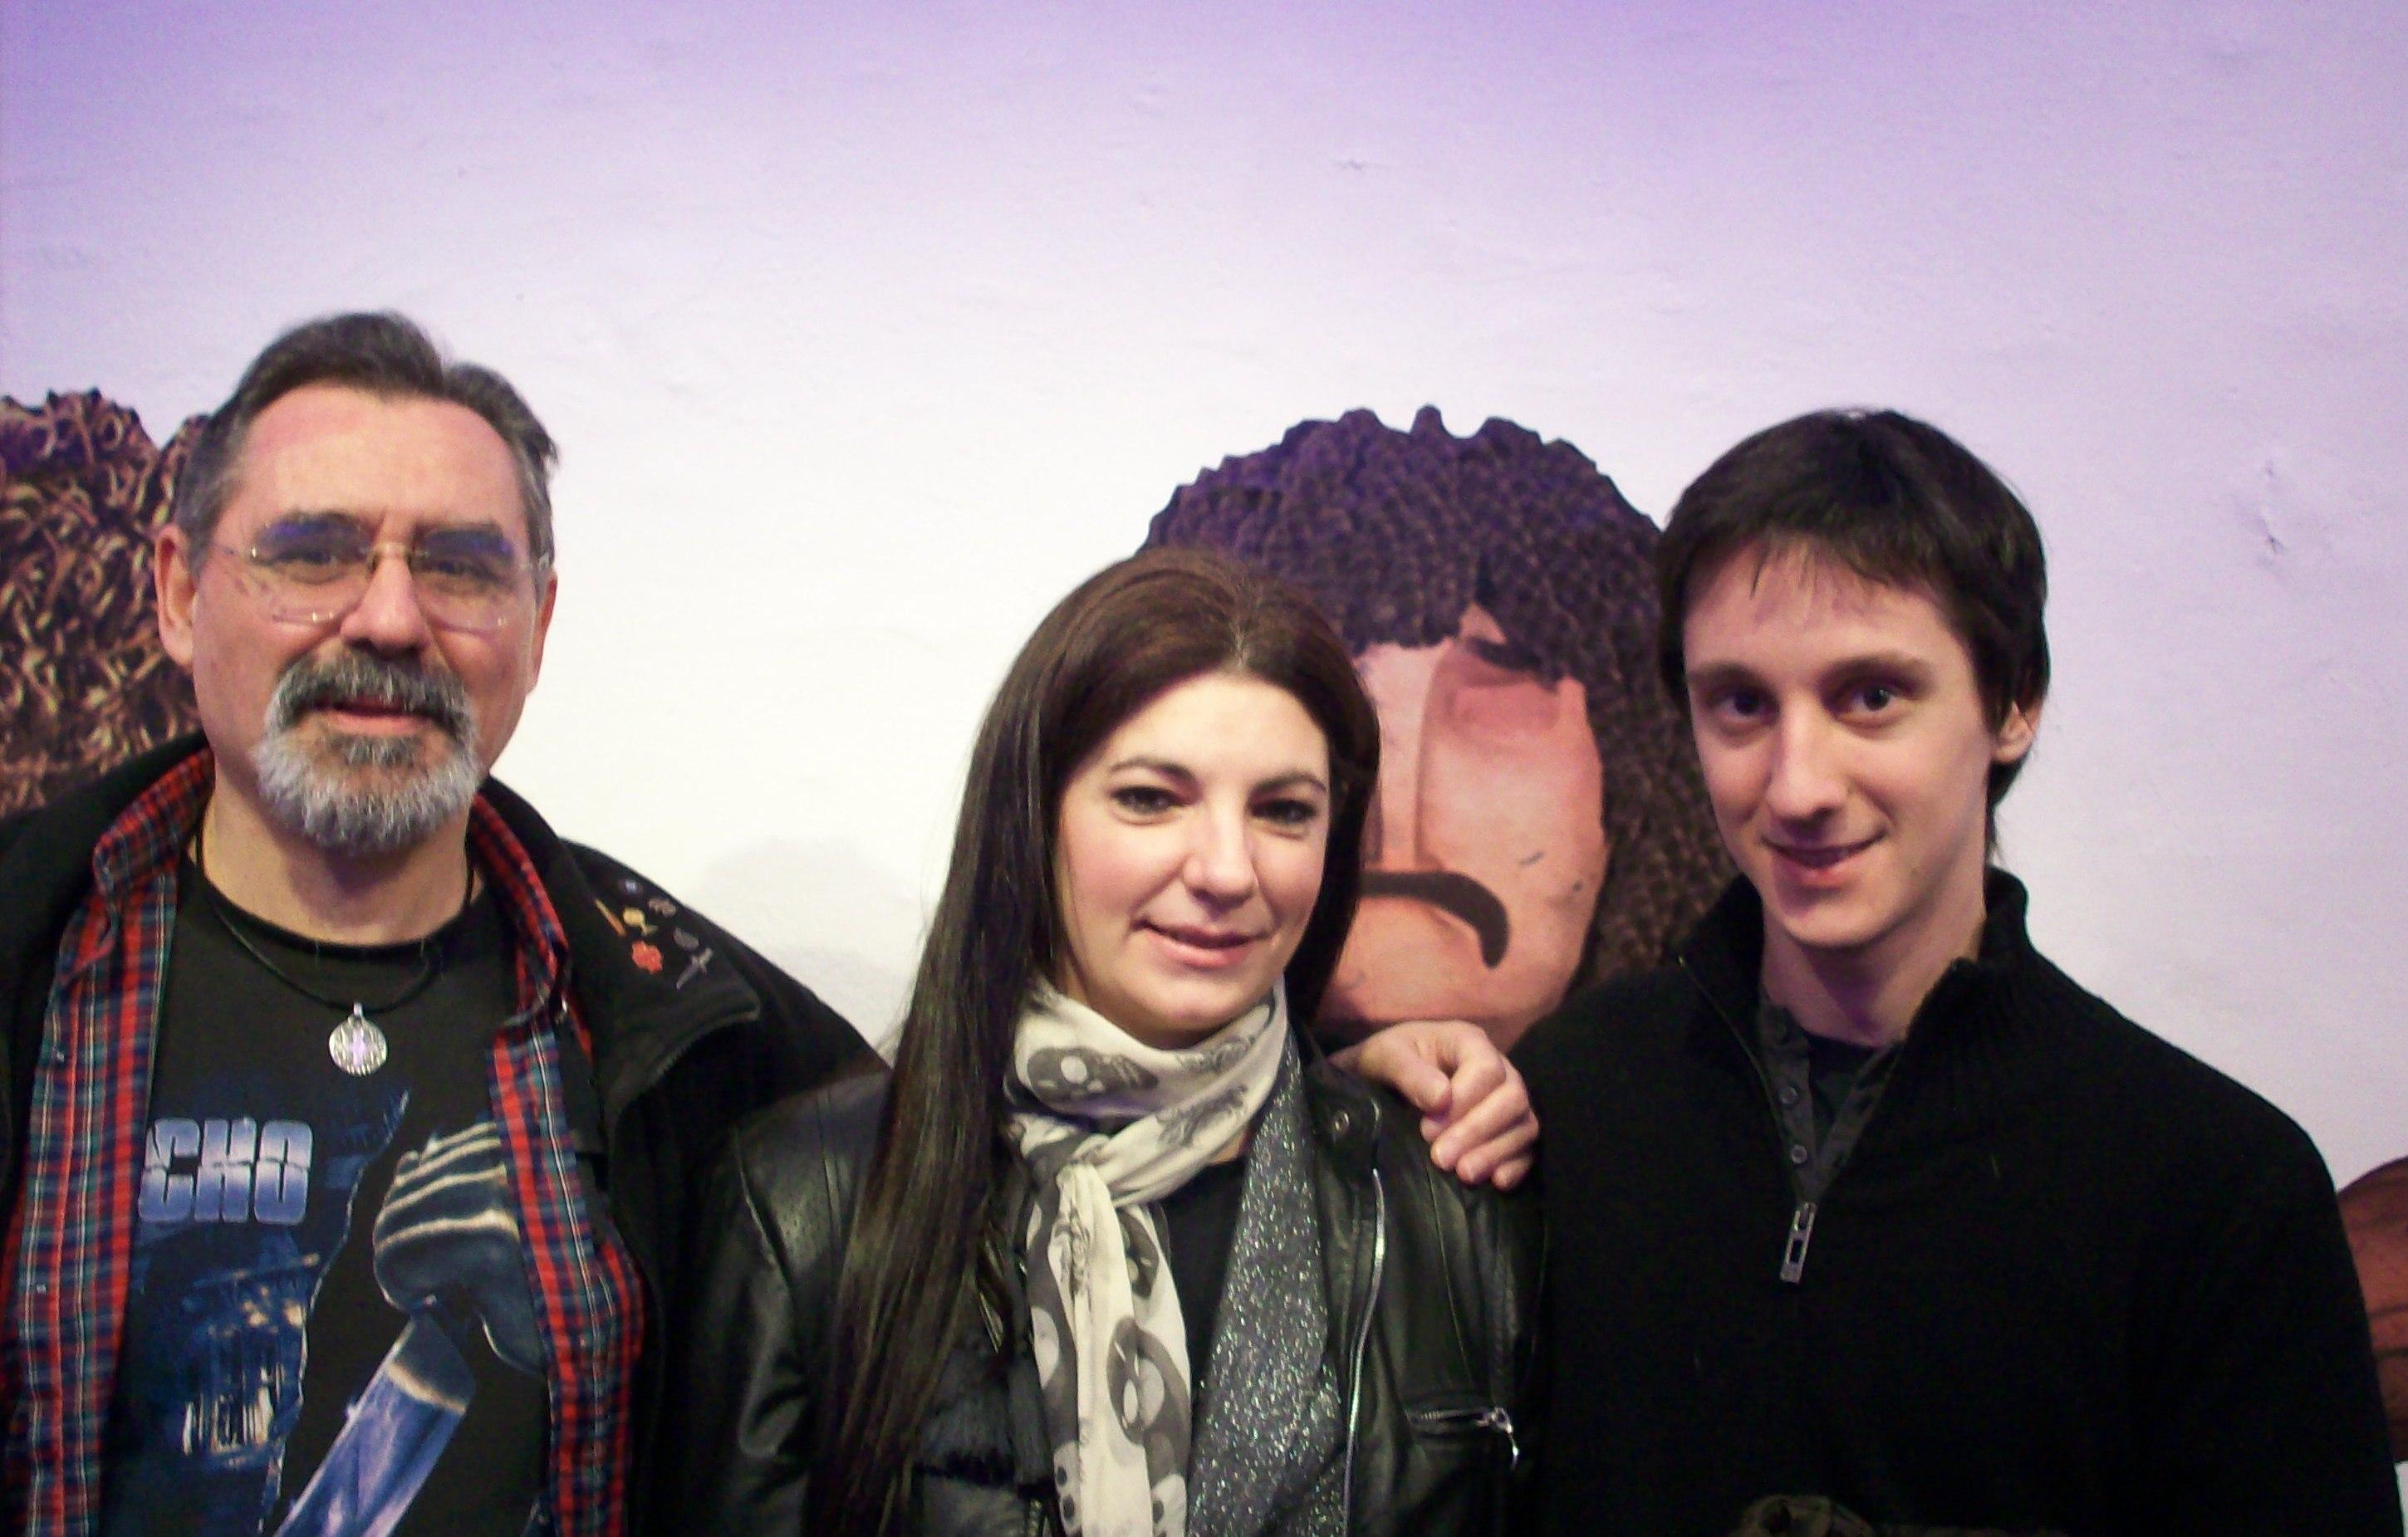 Con mi secretaría, Mariláu Sánchez, y mi productor (Nico, de ZEPfilms), los tres custodiados por el Beto y el Loco, estrellas de Metegol.